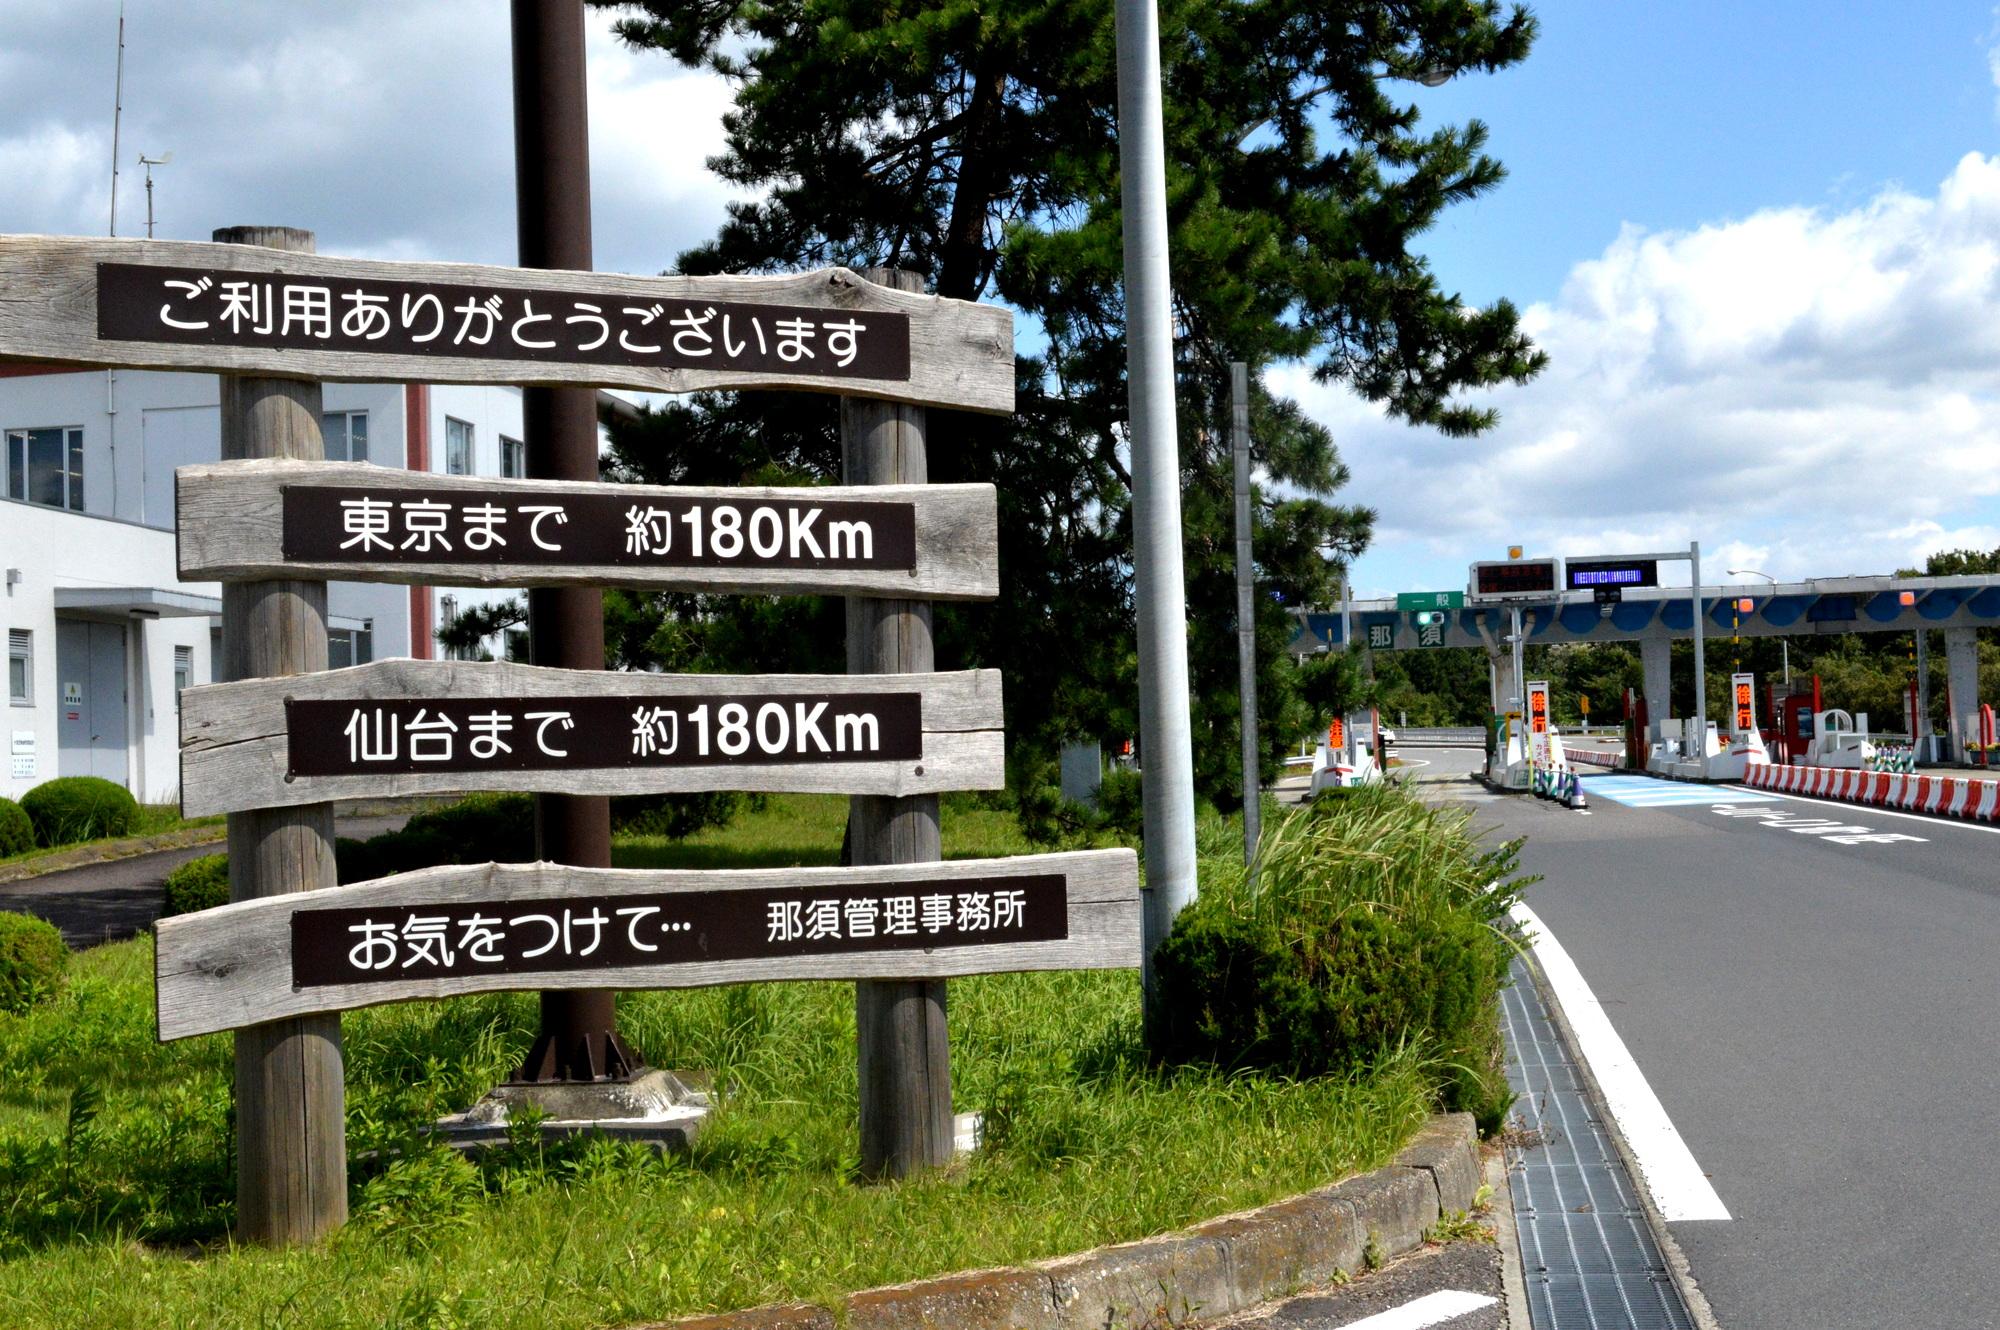 那須ICから東京と仙台へは同じ180㎞